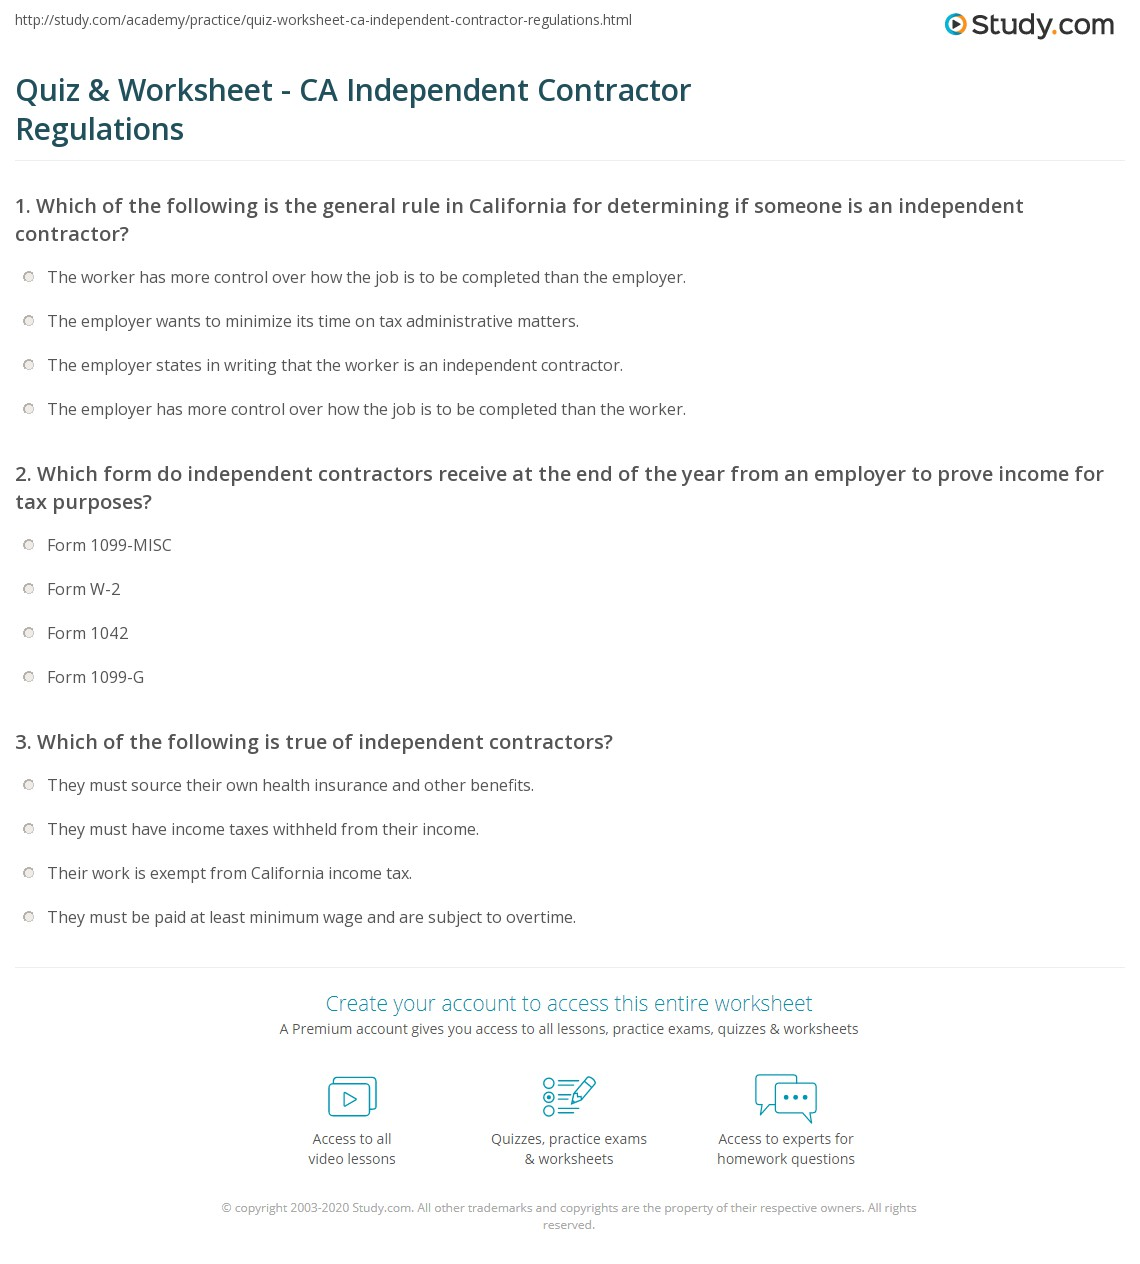 Quiz & Worksheet - CA Independent Contractor Regulations | Study.com